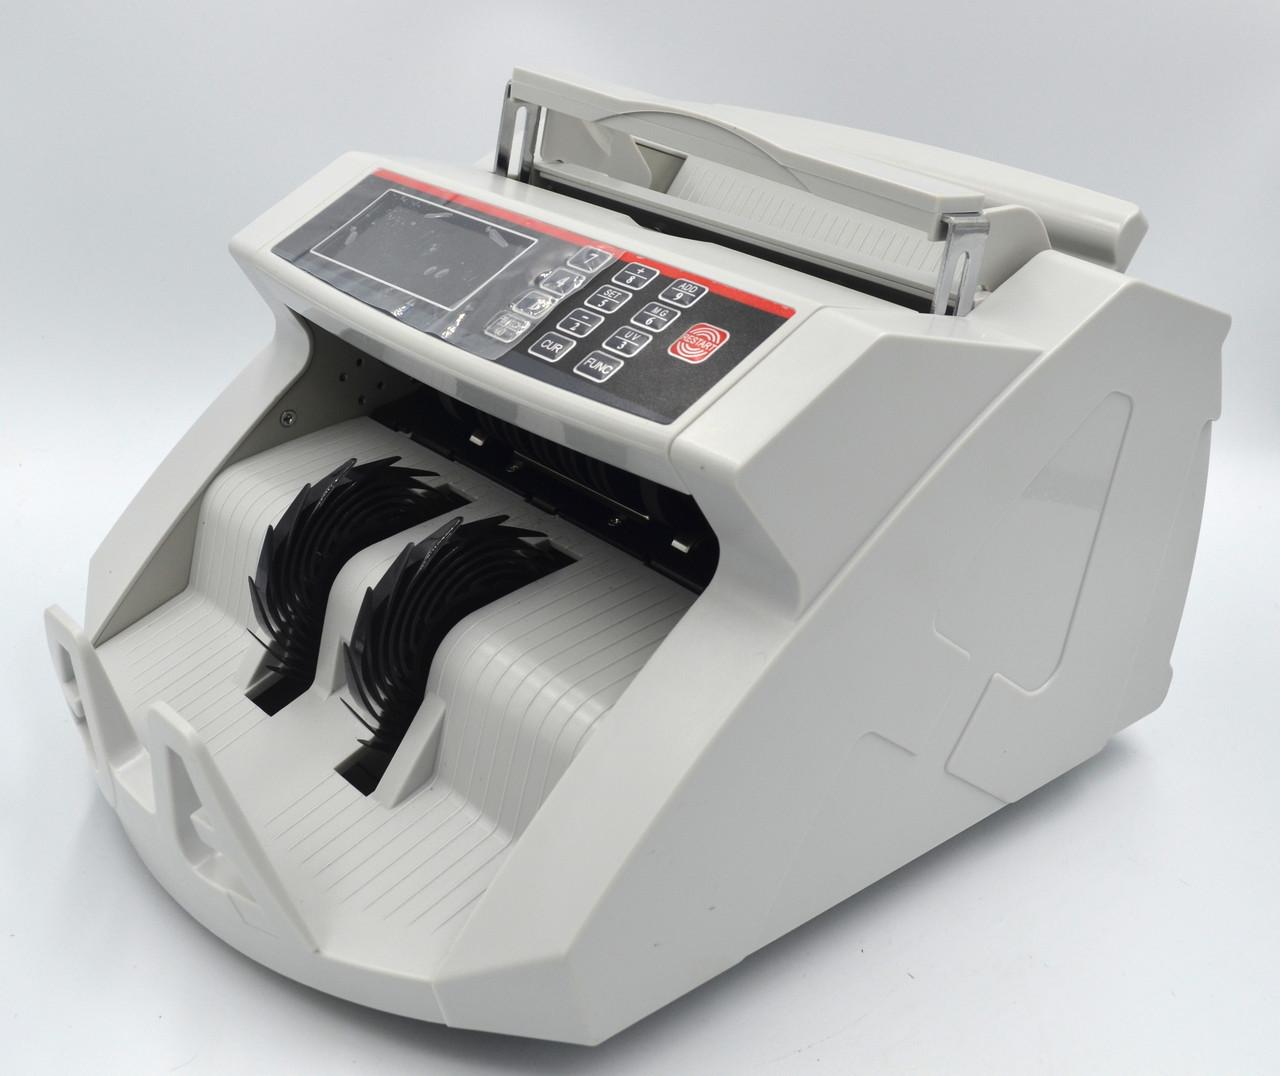 Счётчик банкнот FengJinTech FJ-2819 UV MG серый (FG2819UVMG)